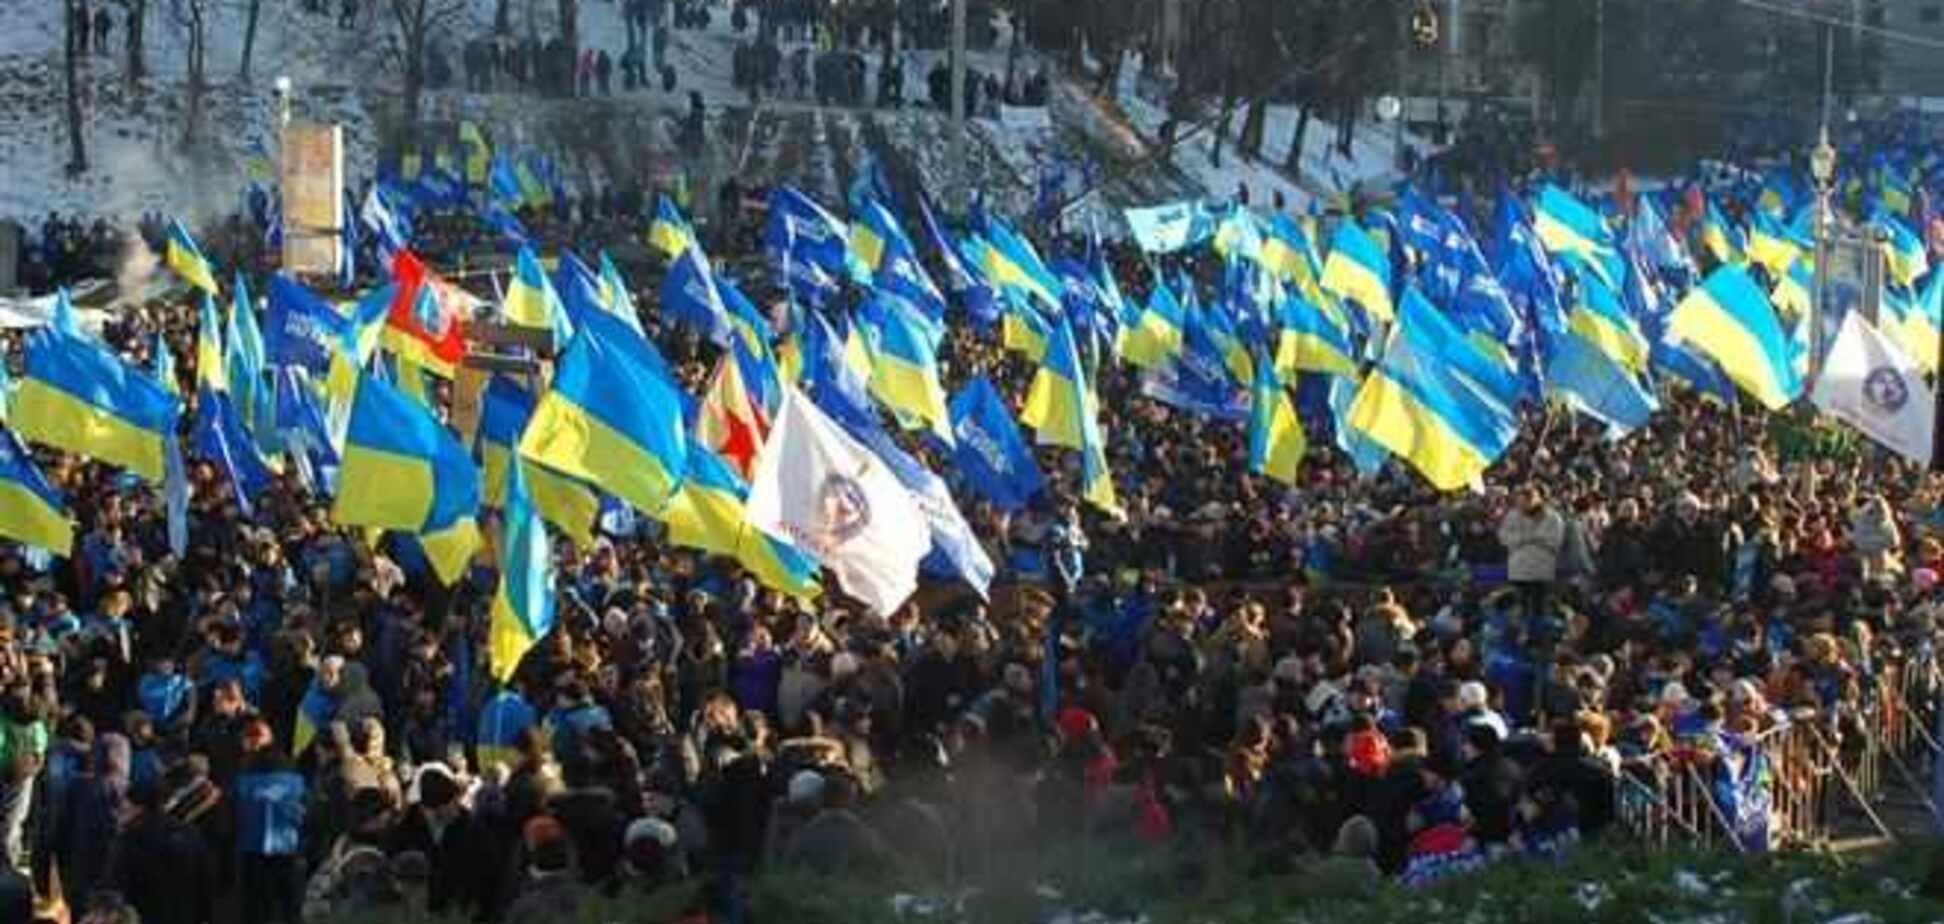 Сторонники Януковича общаются с евромайдановцами через забор